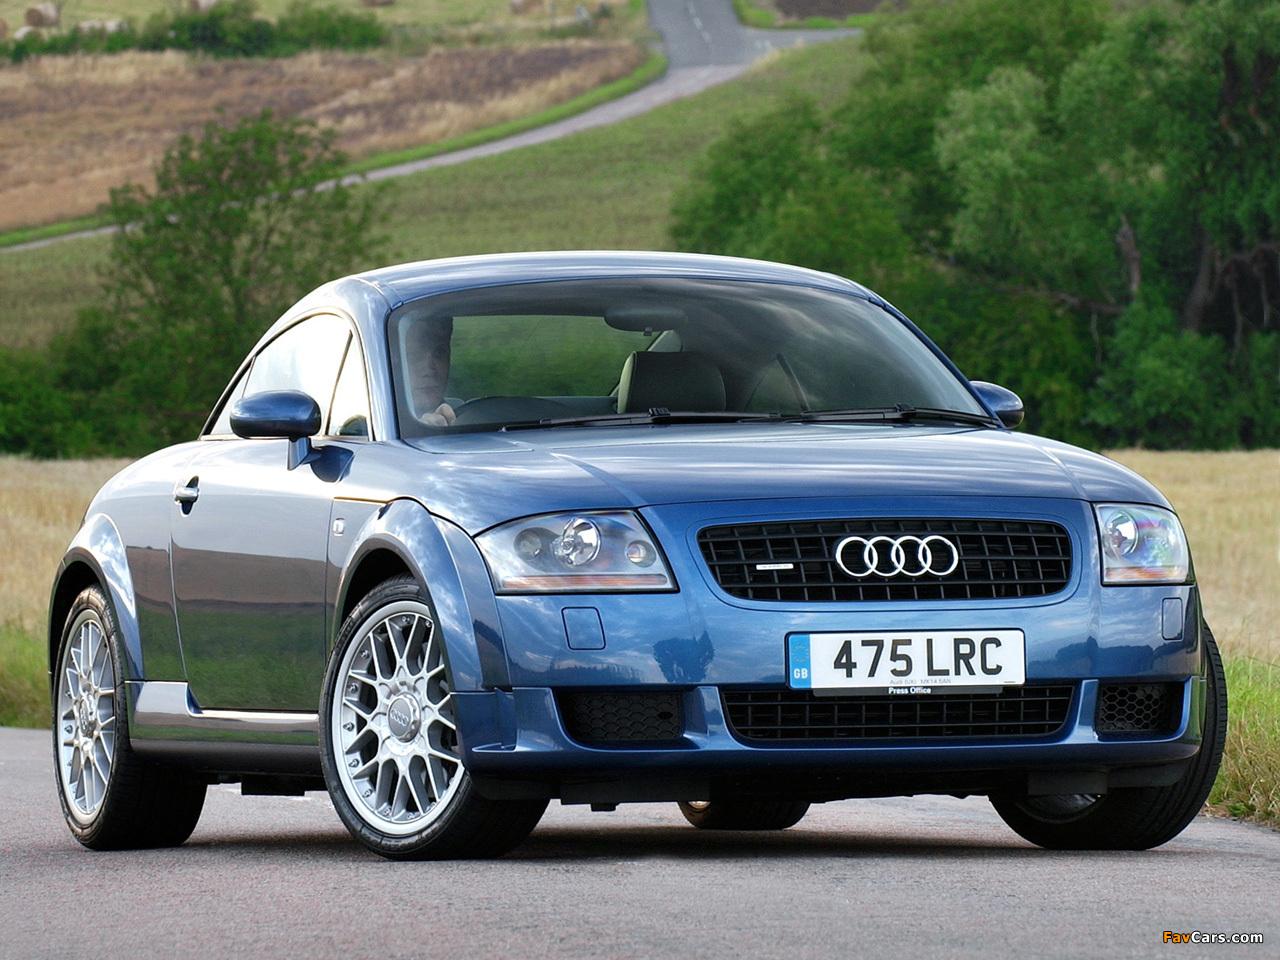 Audi Tt 3 2 Quattro Coupe Uk Spec 8n 2003 06 Wallpapers